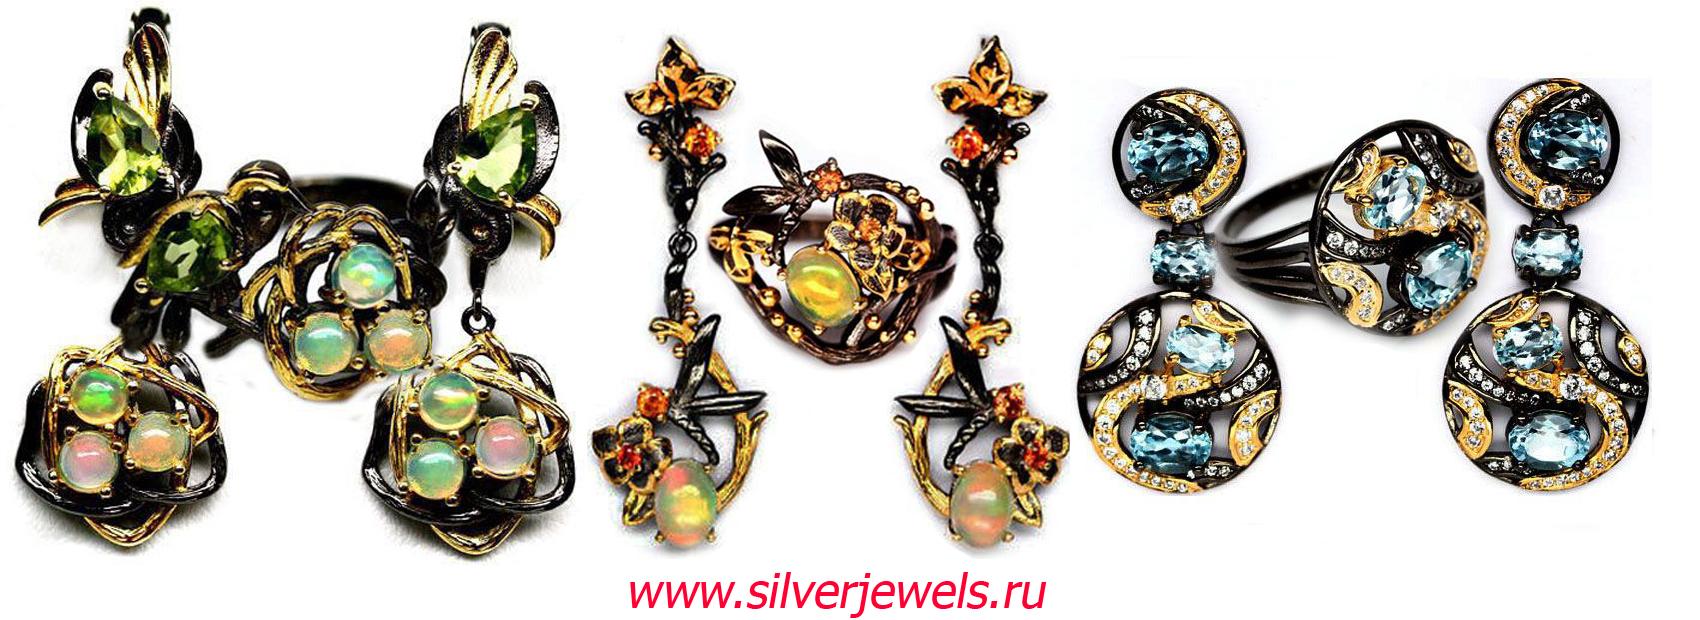 серебряные украшения silverjewels.ru гарнитуры с натуральными камнями